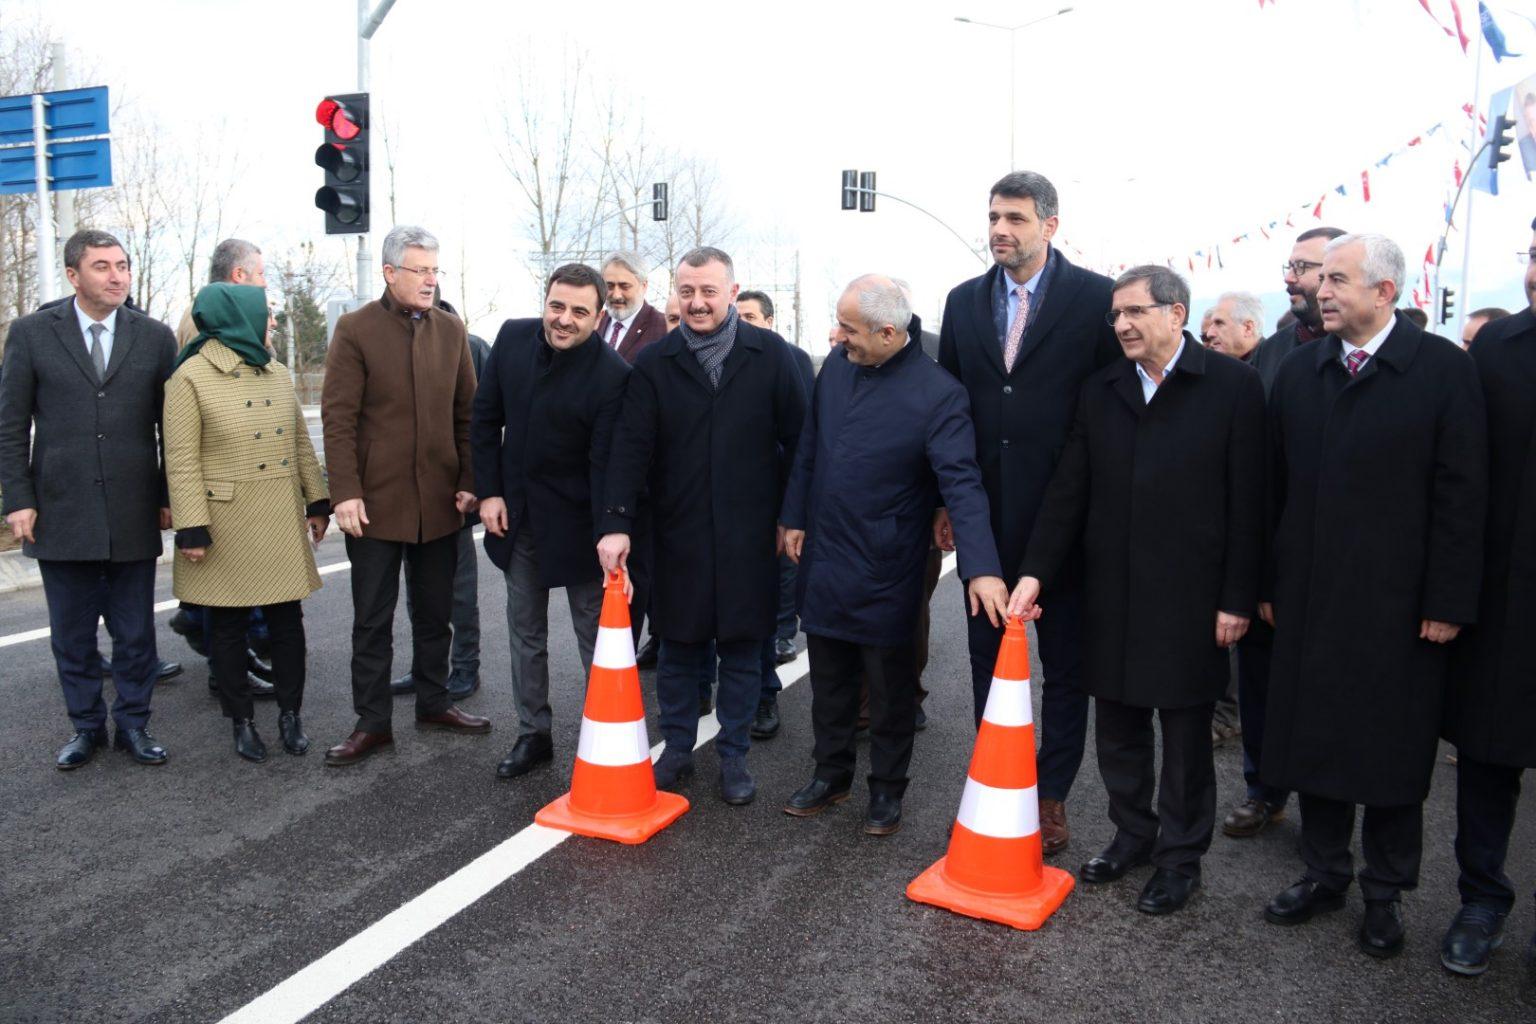 Salim Derviş Oğlu Caddesini kapalı tutan dubaları kaldıran Başkan Büyükakın yolun herkese hayırlısı olması temennisinde bulundu.